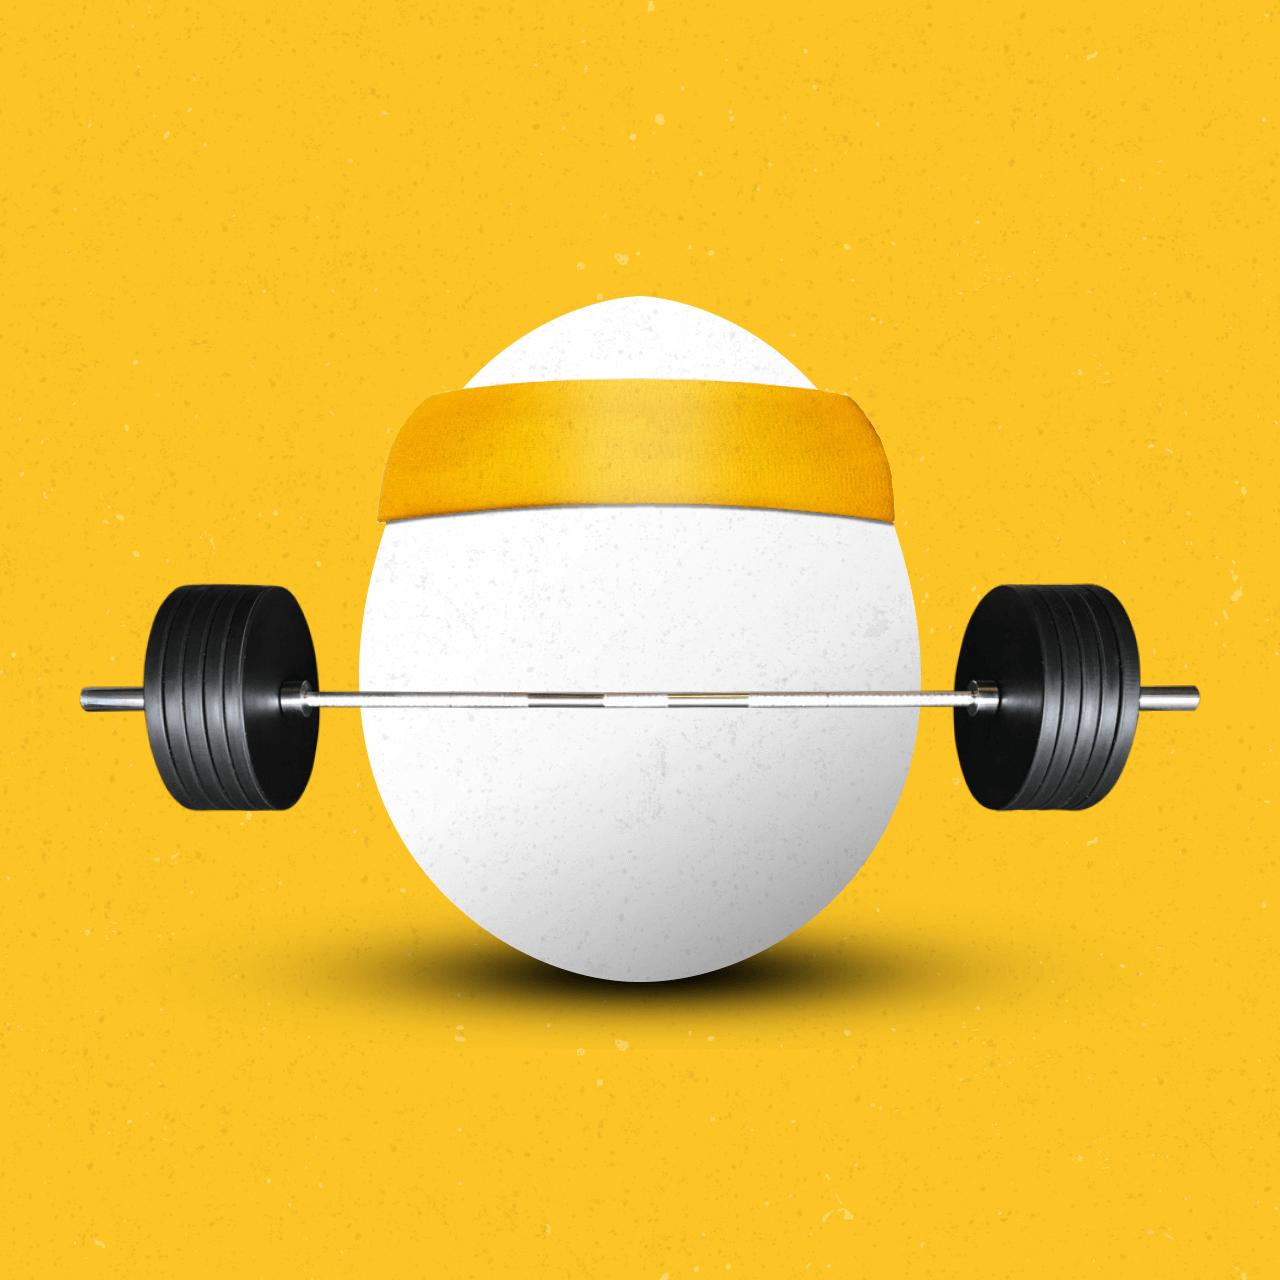 Hvorfor er æg godt for dig? - Vidste du, at æg er en af de eneste madvarer, som indeholder næsten alle de næringsstoffer, din krop har behov for? Det er rigt på protein og indeholder mange forskellige vitaminer. Men æg kan også være med til at gøre hverdagen lidt nemmere.